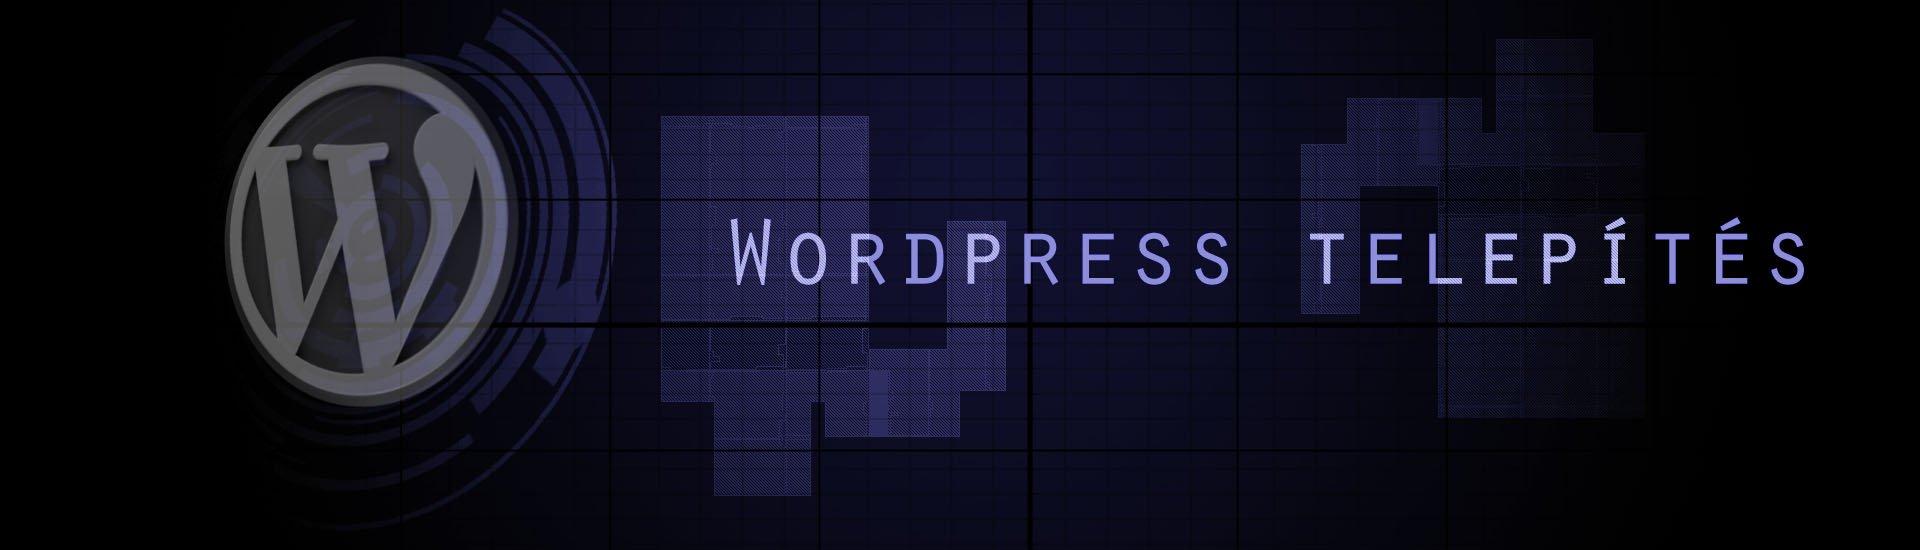 cms webodlal készítés, cms telepítés, üzemeltetés, wordpress oldalak